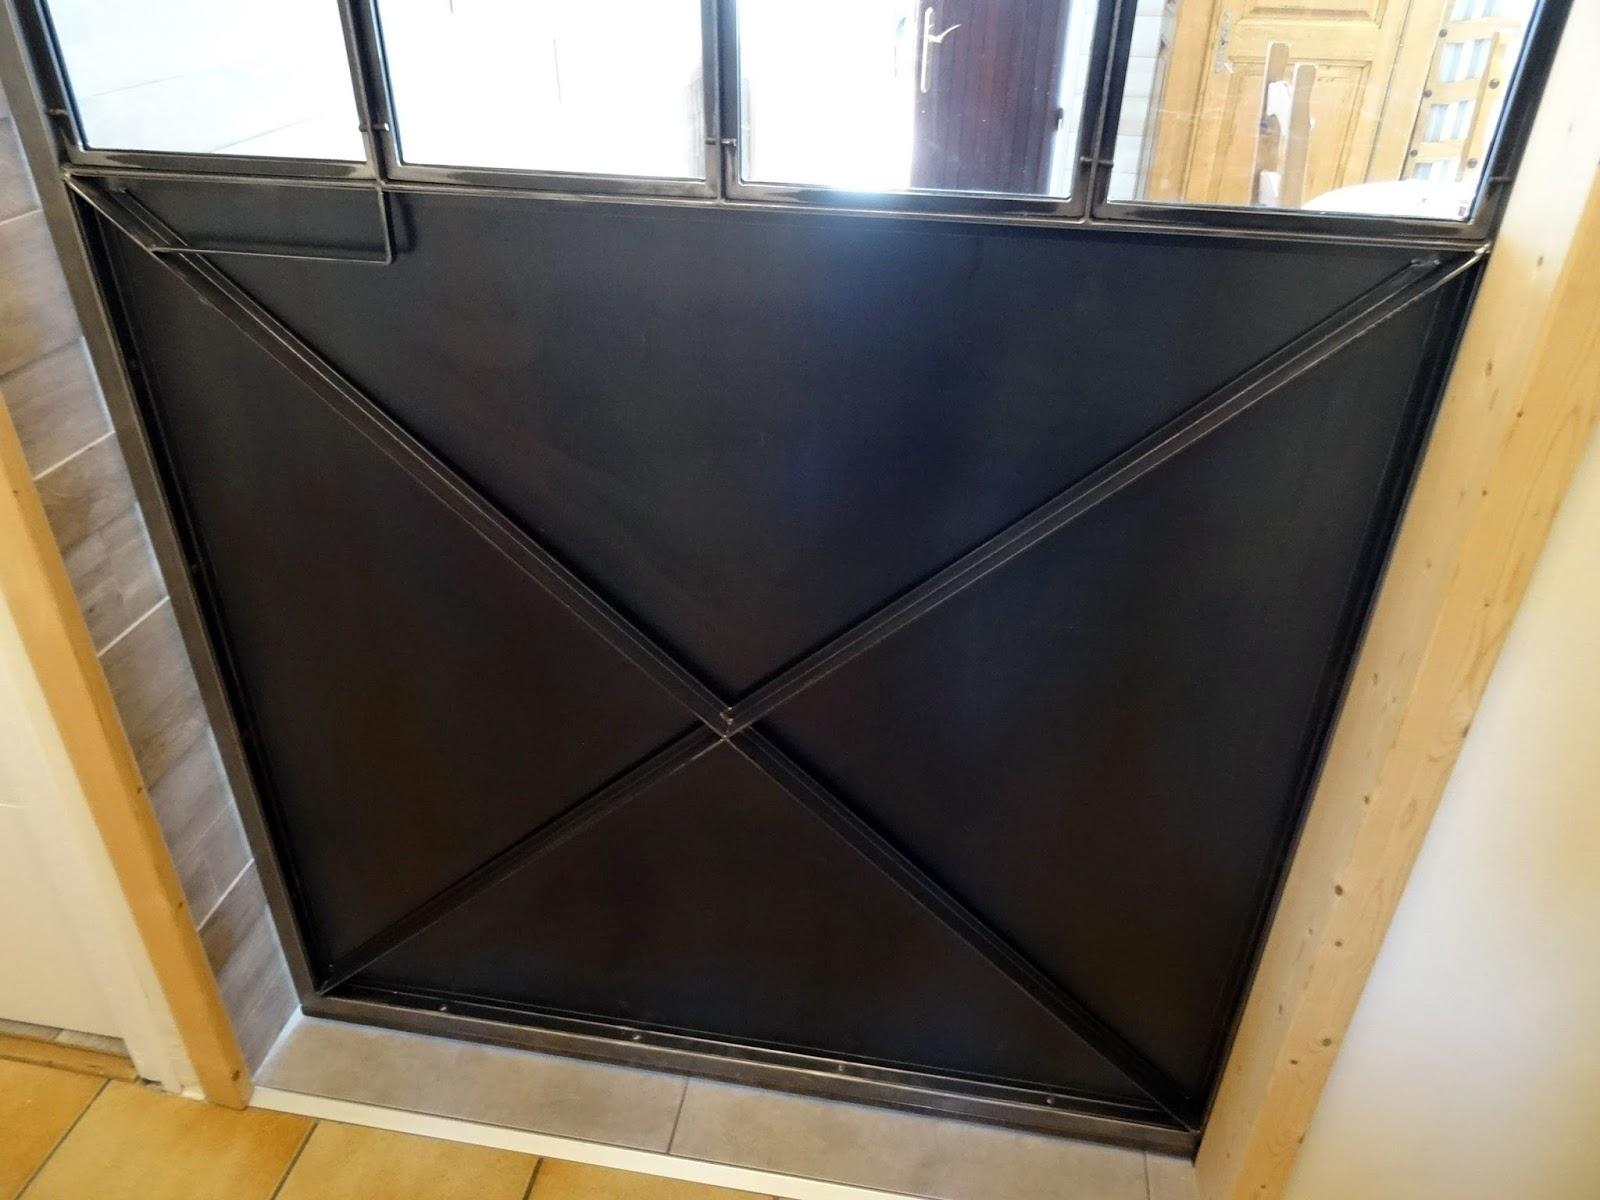 G nial decoration interieur avec fabricant portes et for Fabricant porte et fenetre